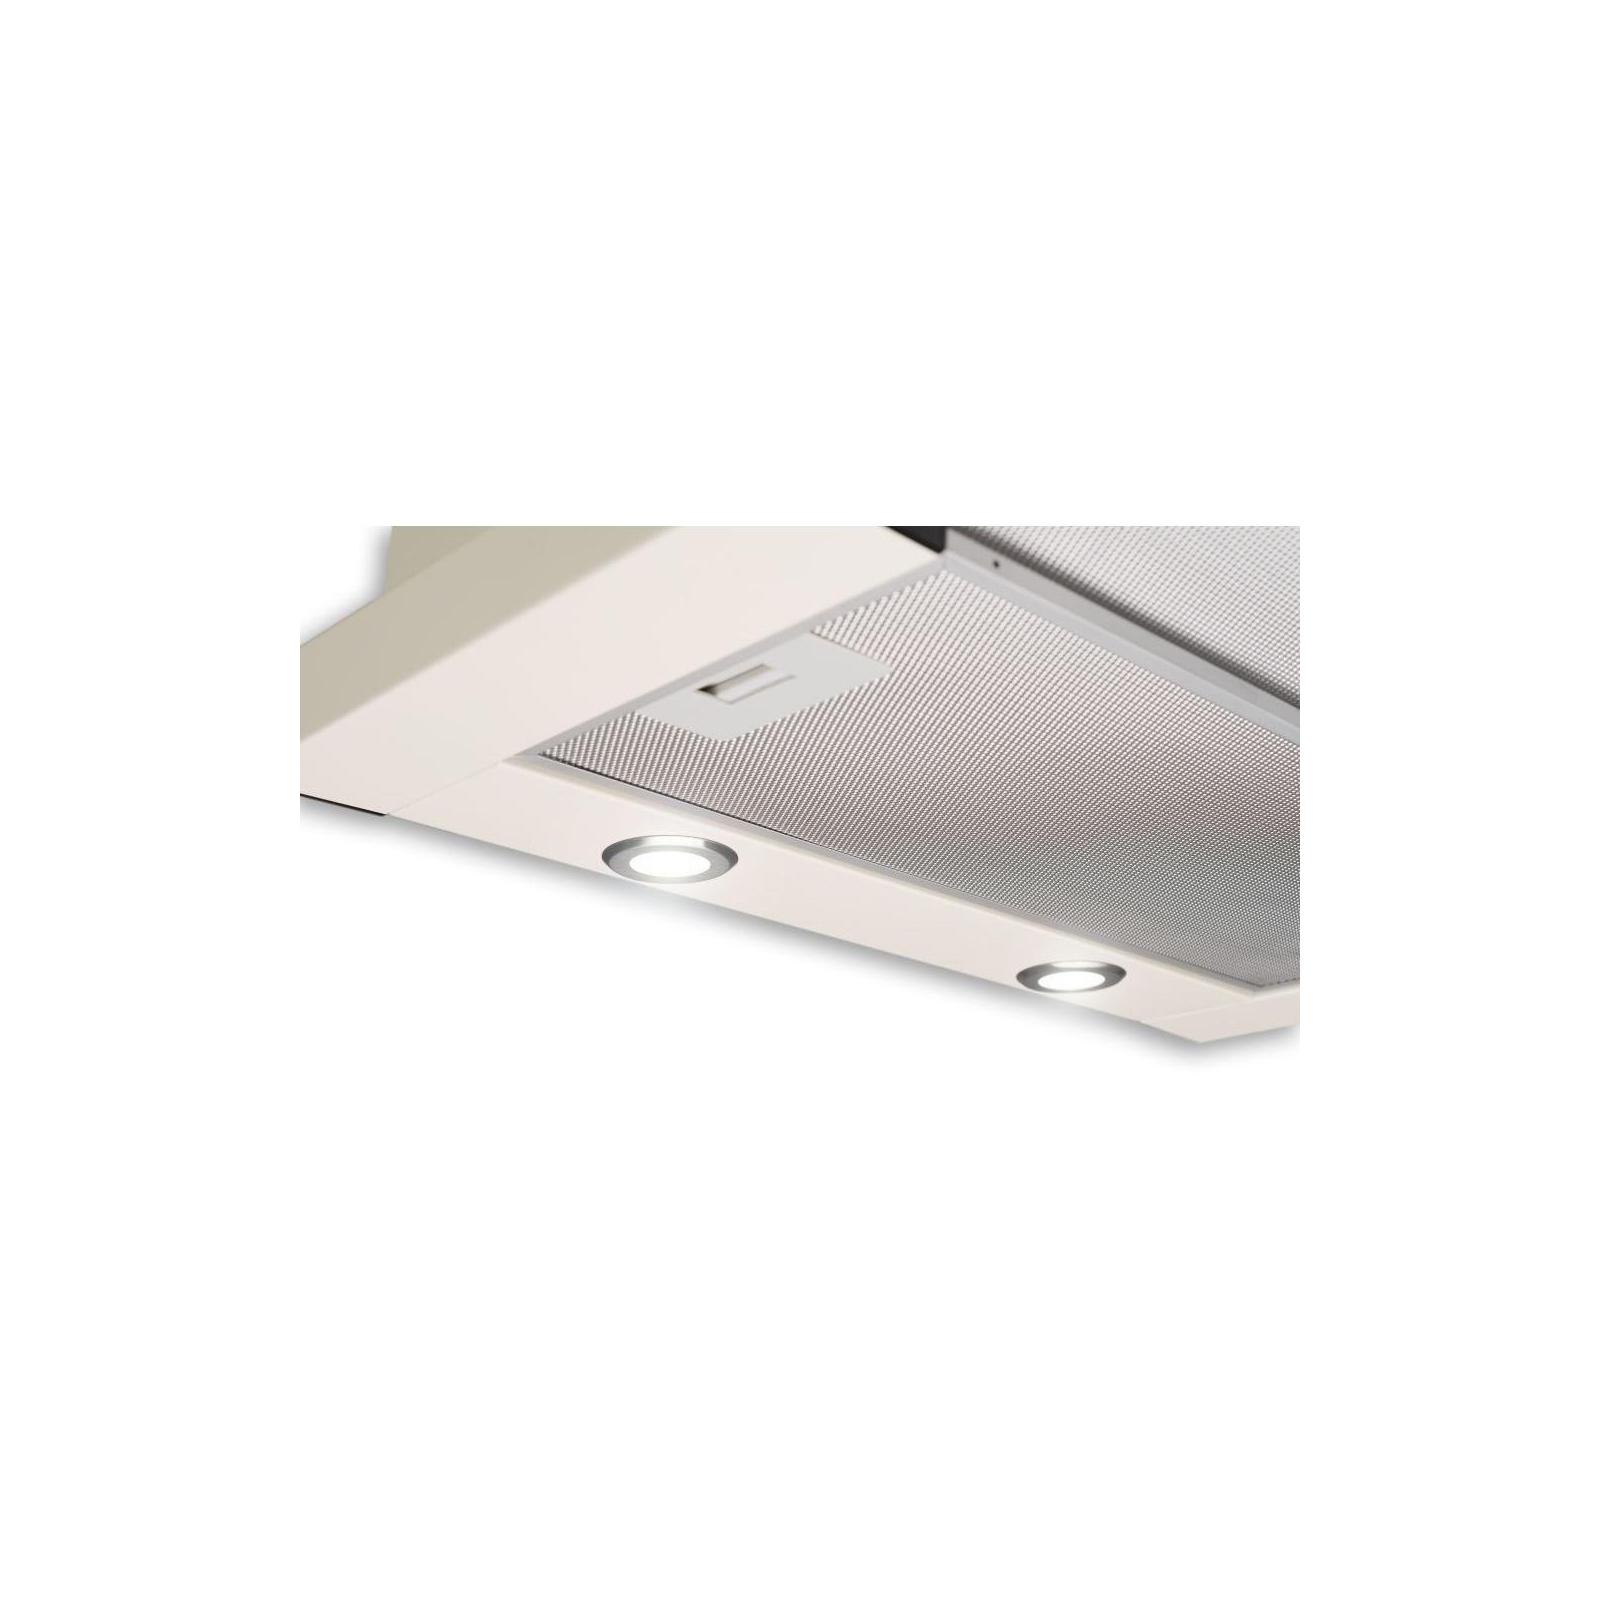 Вытяжка кухонная MINOLA HTL 6112 WH 650 LED изображение 8